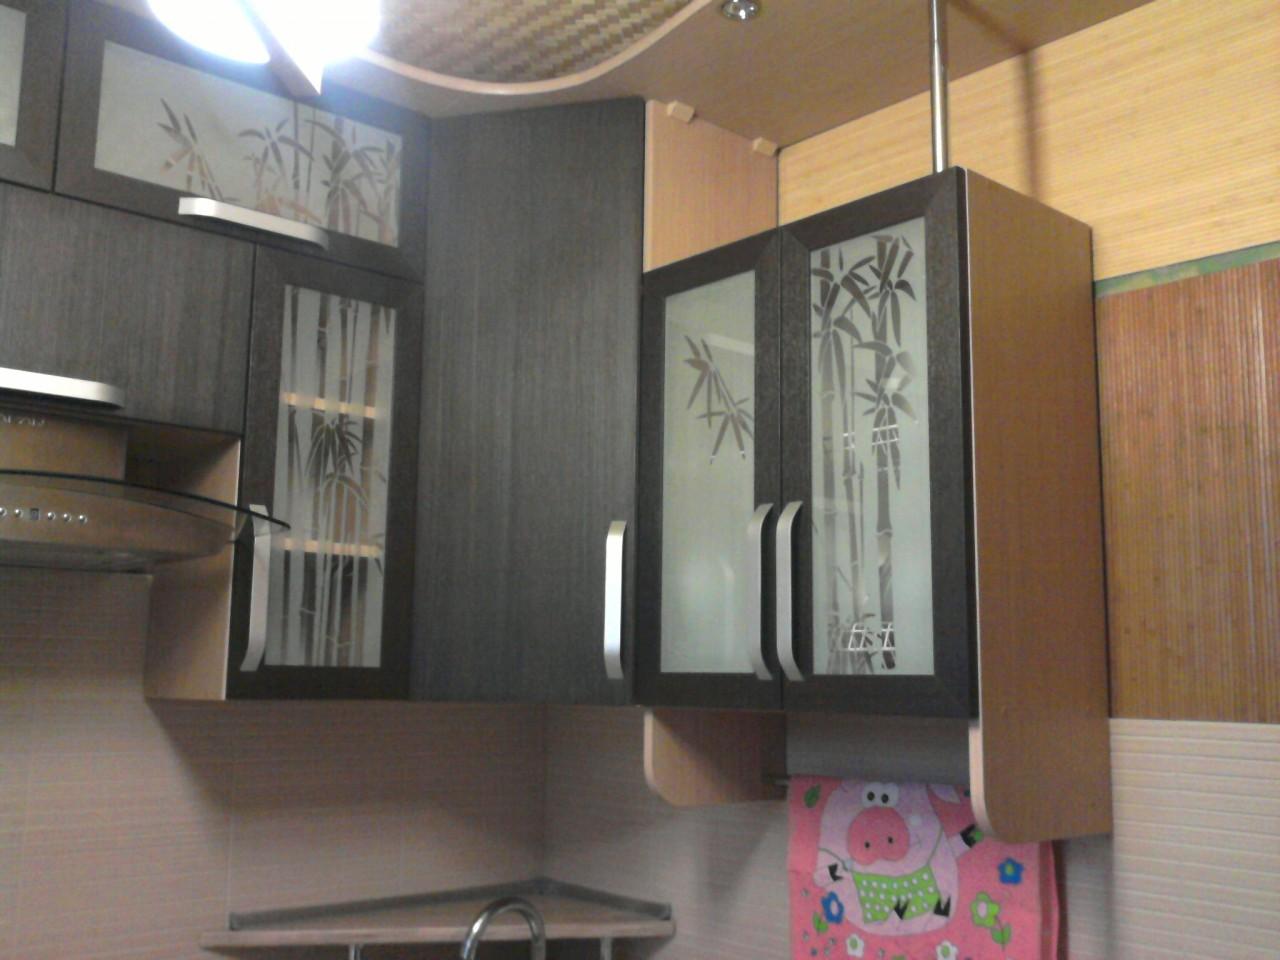 """Давайте заглянем на кухню к Анжелике Карпюк и посмотрим -какие она сделала """"Часы на кухню"""" !!! Сама!!! И заодно поболтаем..."""